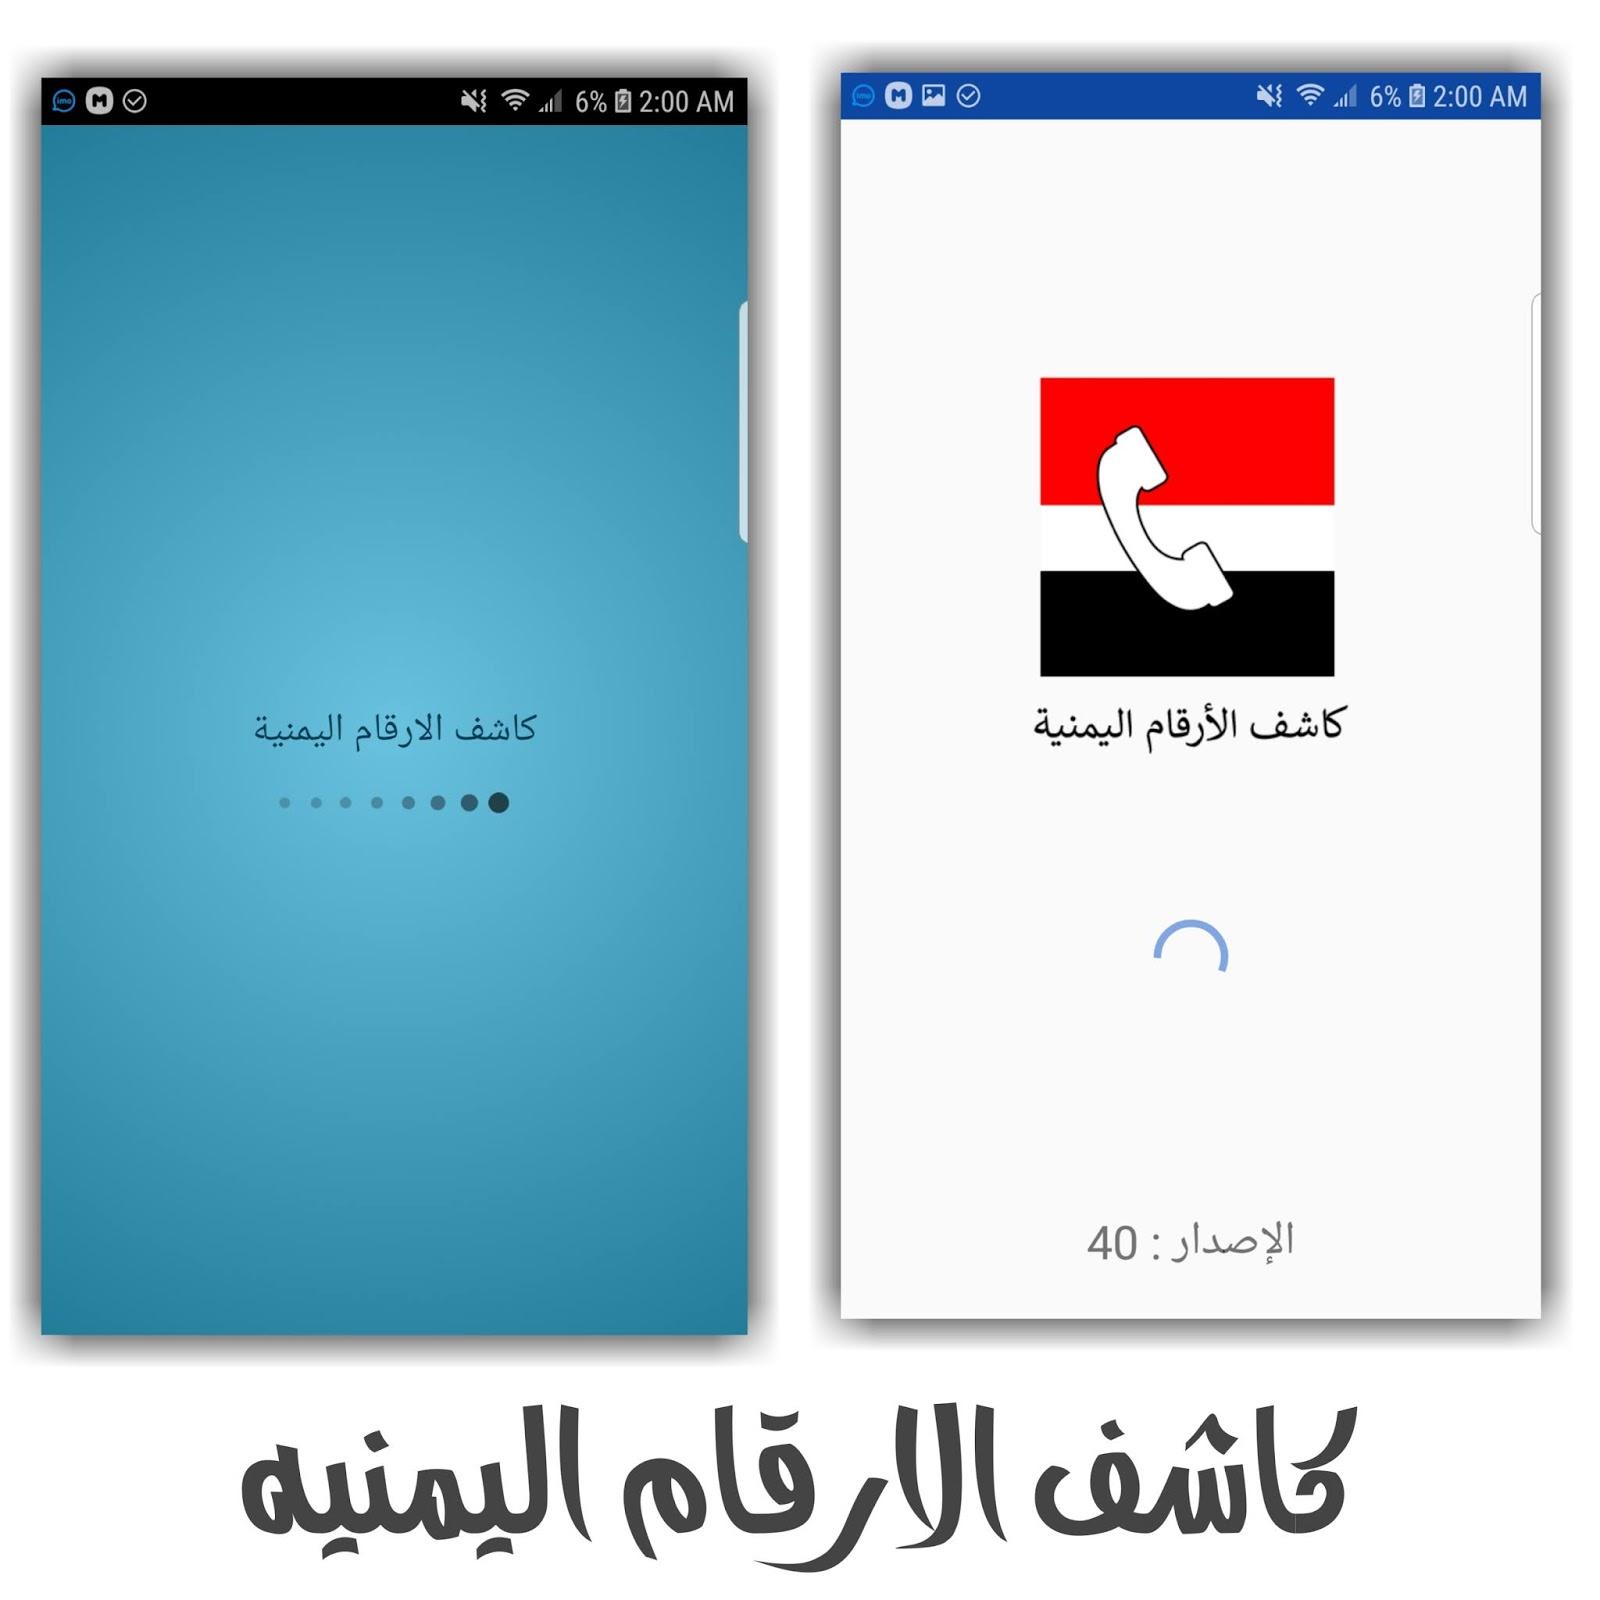 تحميل برنامج كاشف الارقام اليمنية بالاسم